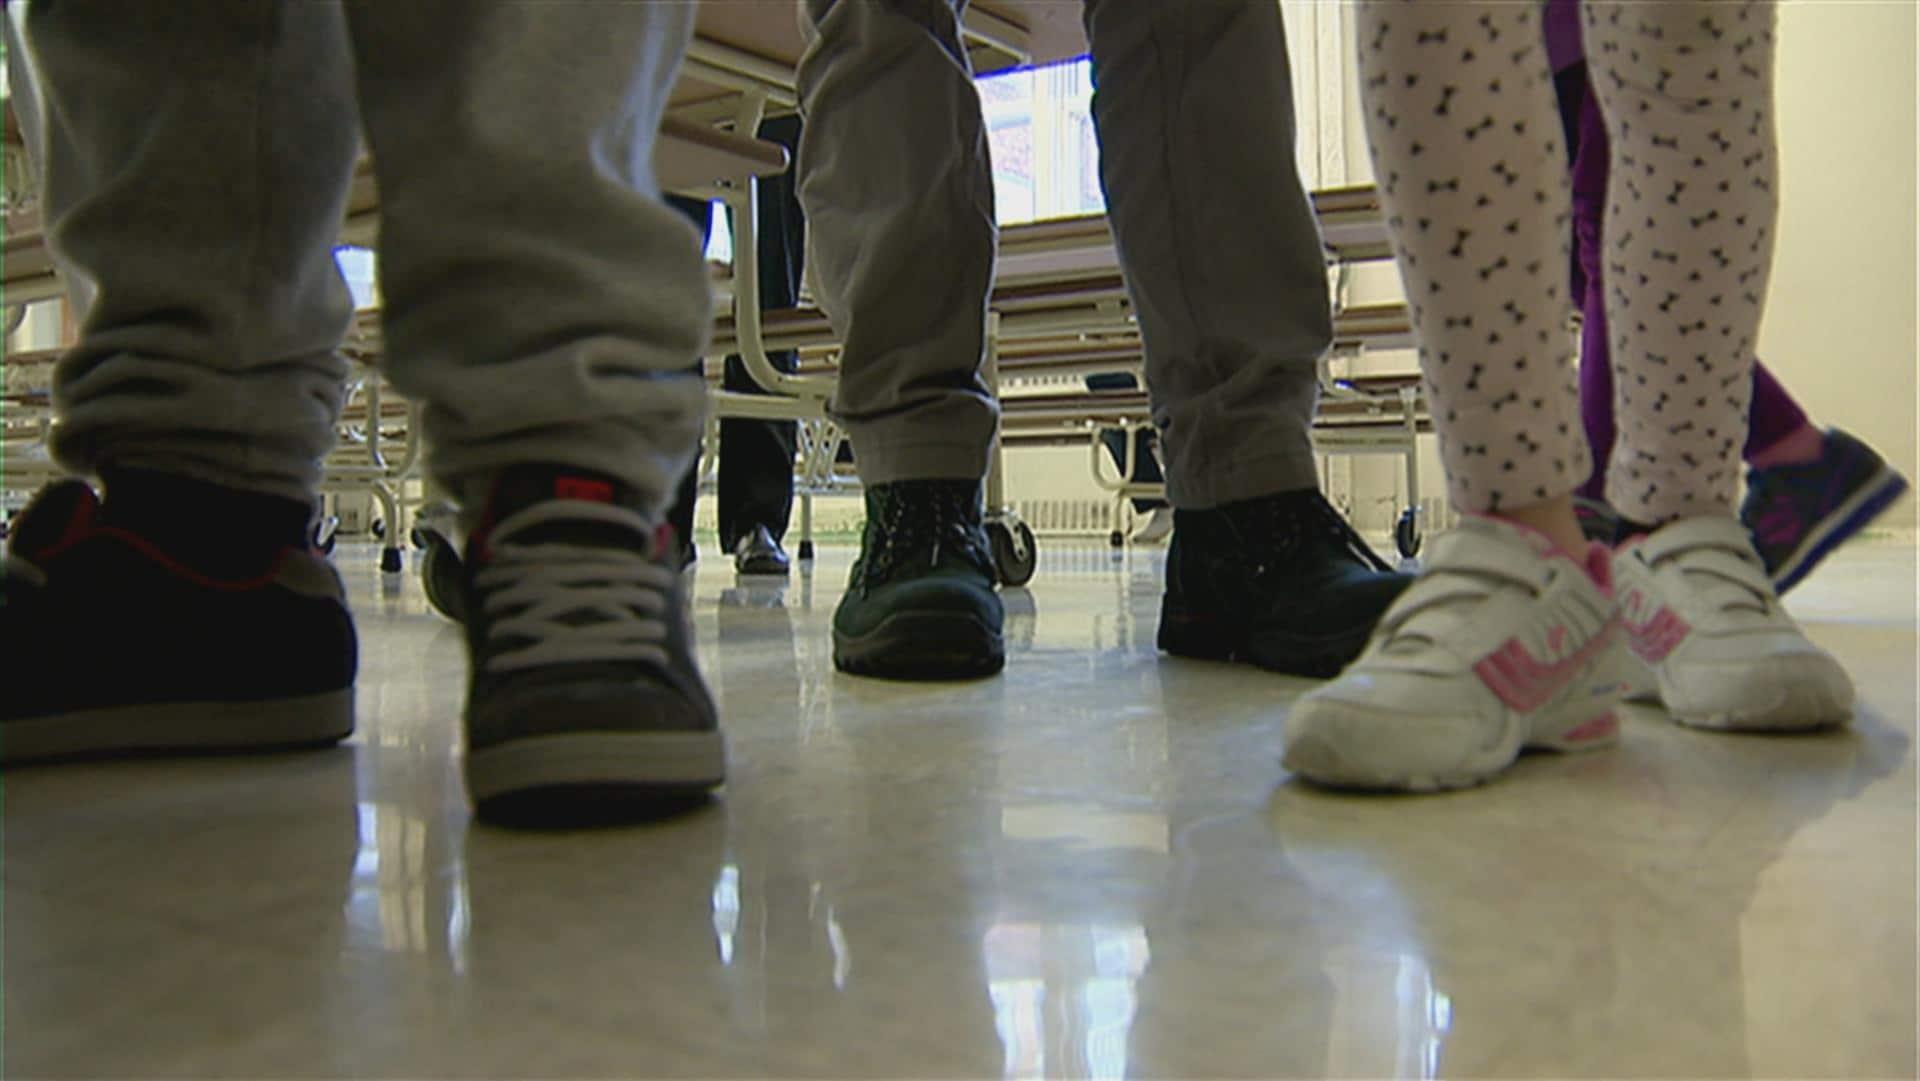 Plusieurs pieds d'élèves dans une école francophone.